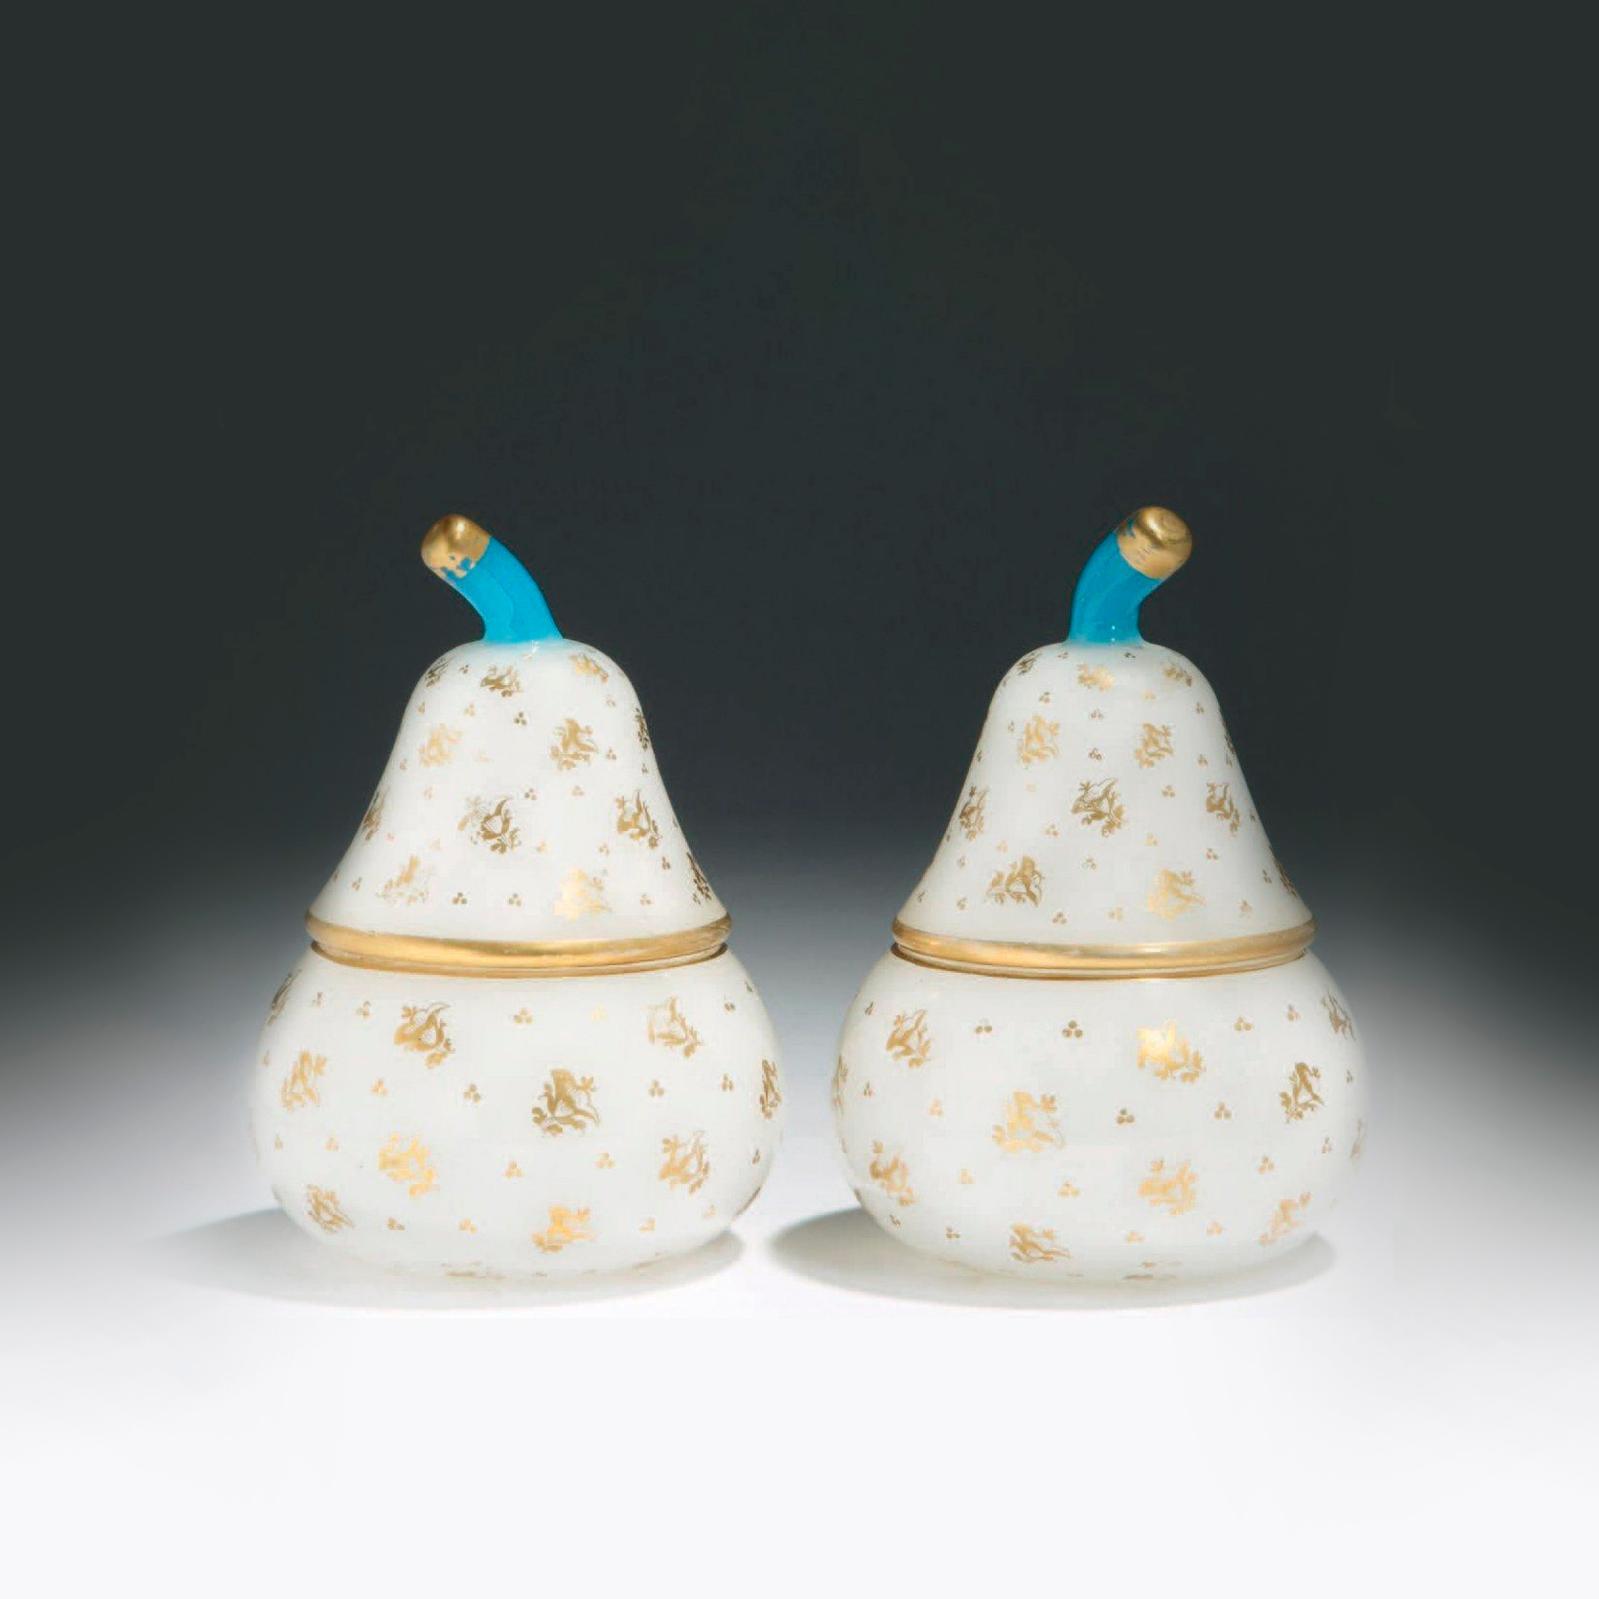 1023€ Paire de vases piriformes couverts en opaline blanche à décor de fleurettes dorées, prises en verre bleu, Bohême, XIXesiècle, h.